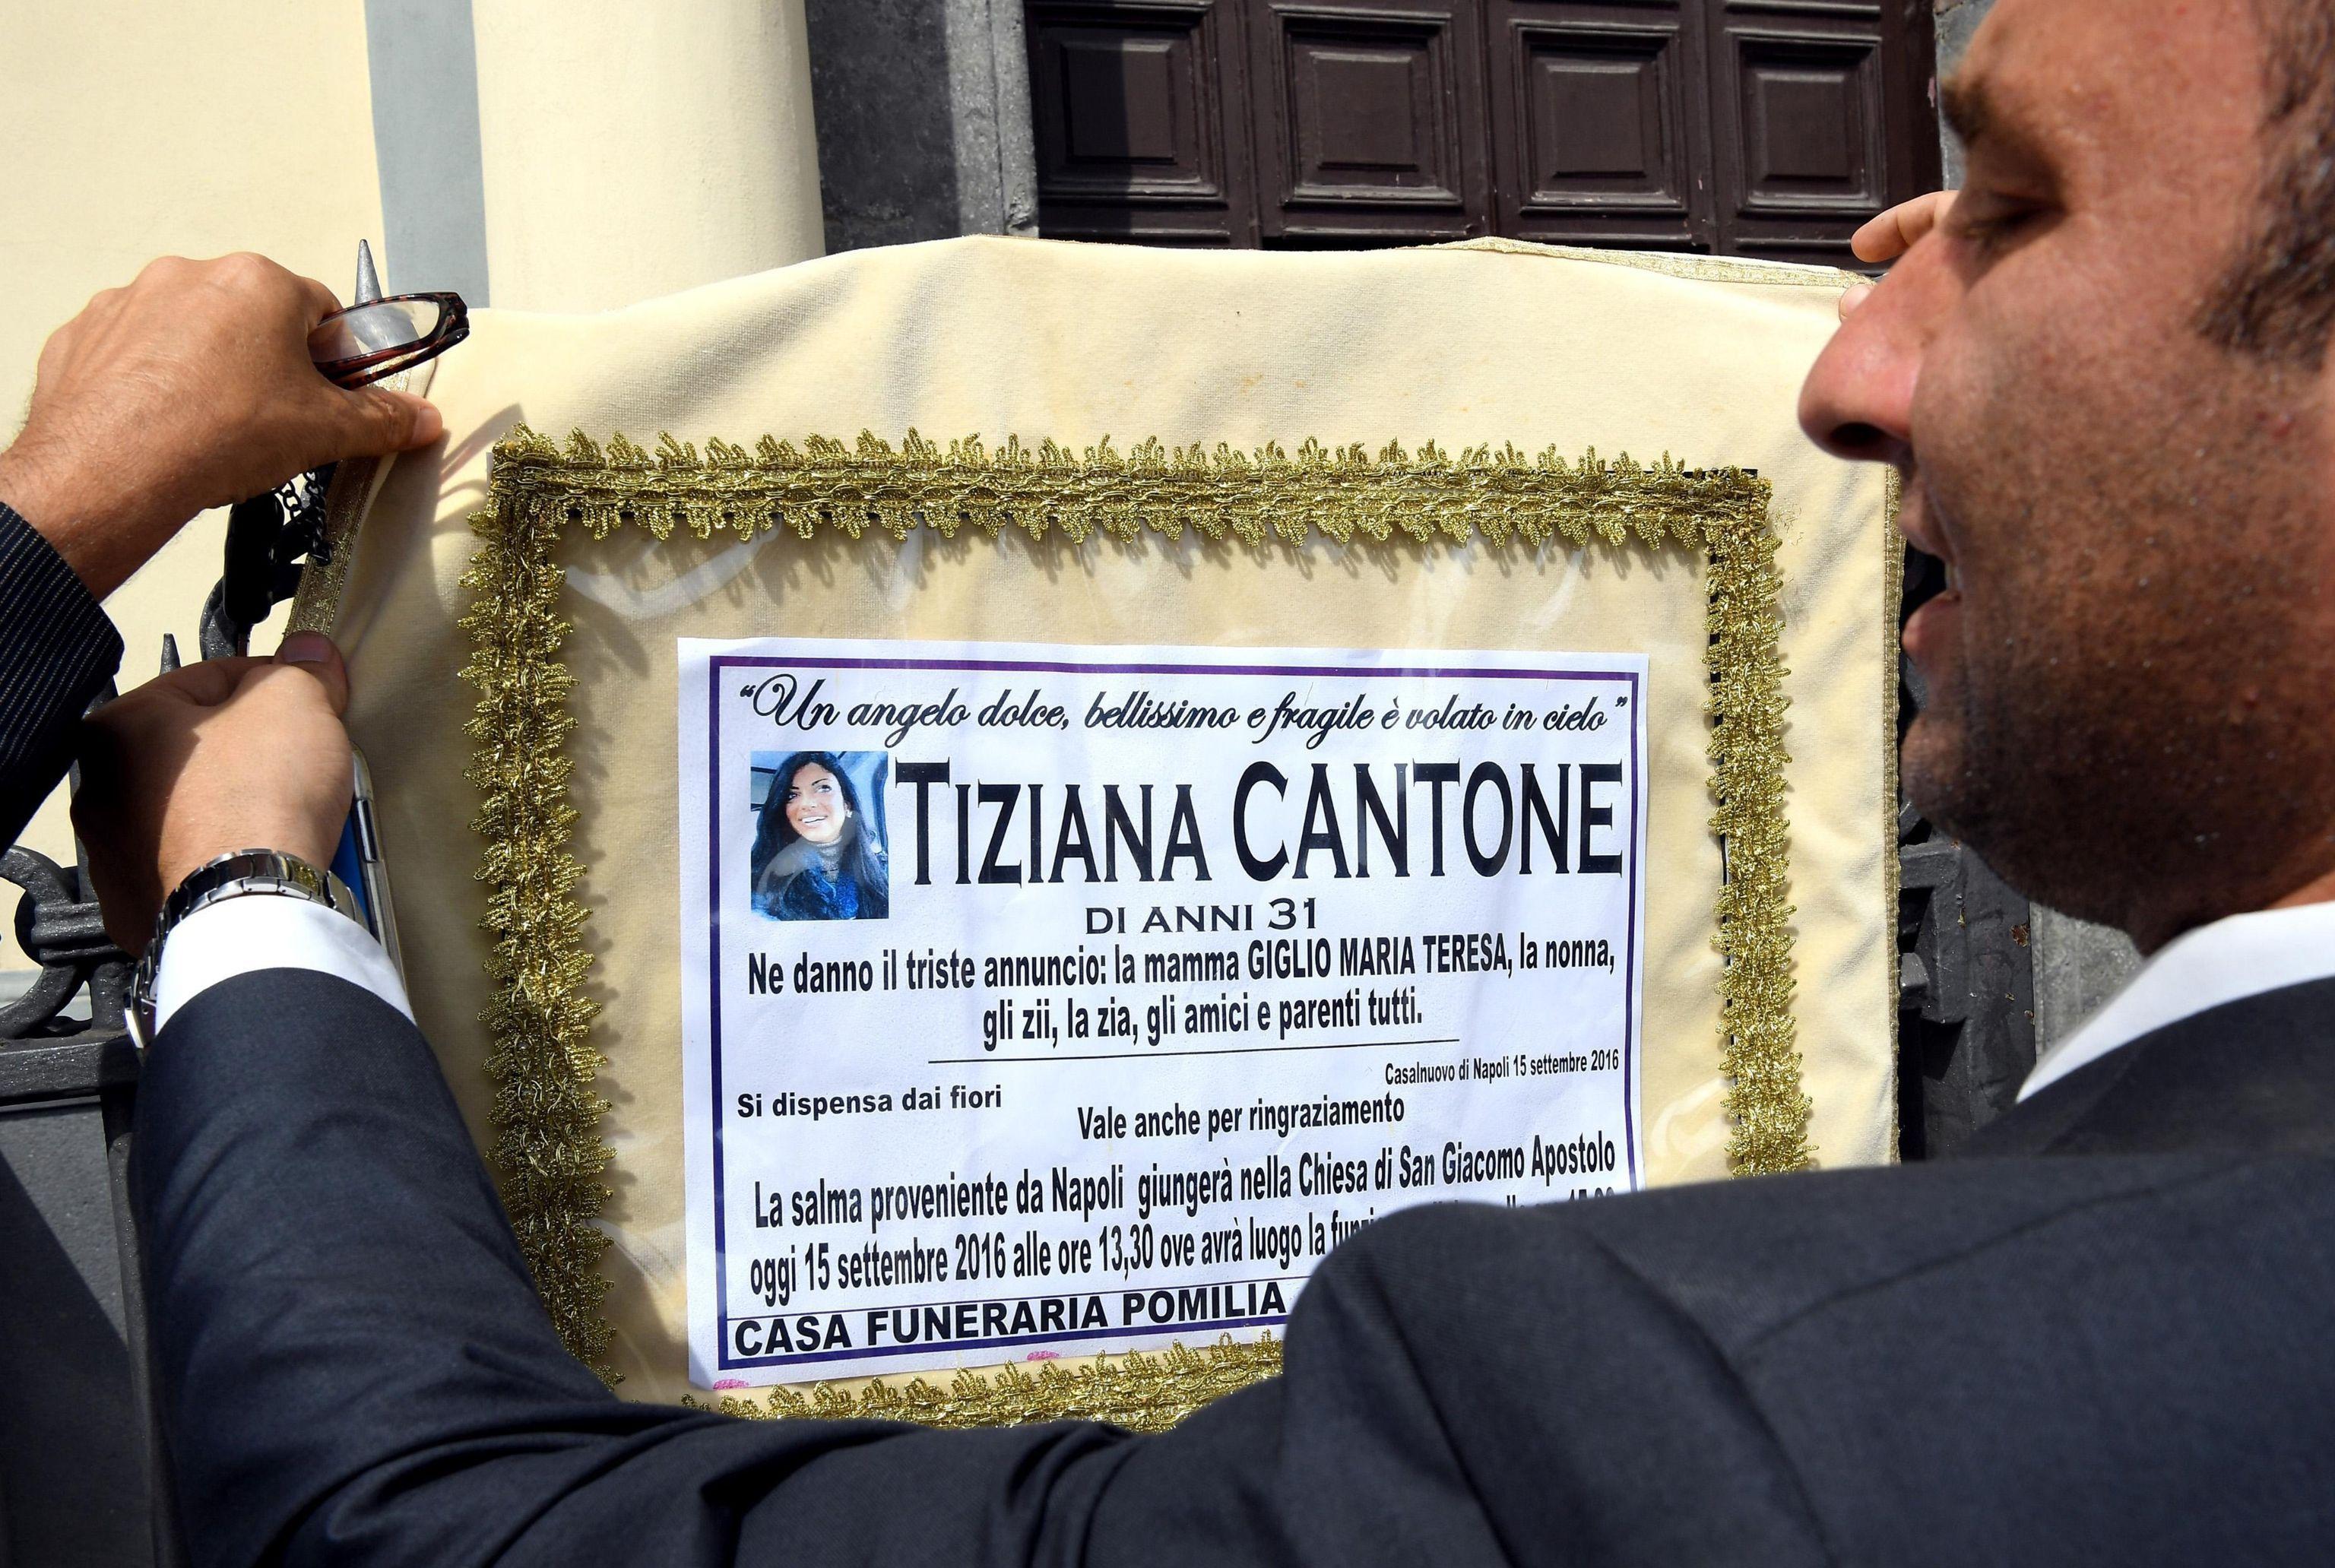 Tiziana Cantone, archiviata l'indagine per istigazione al suicidio